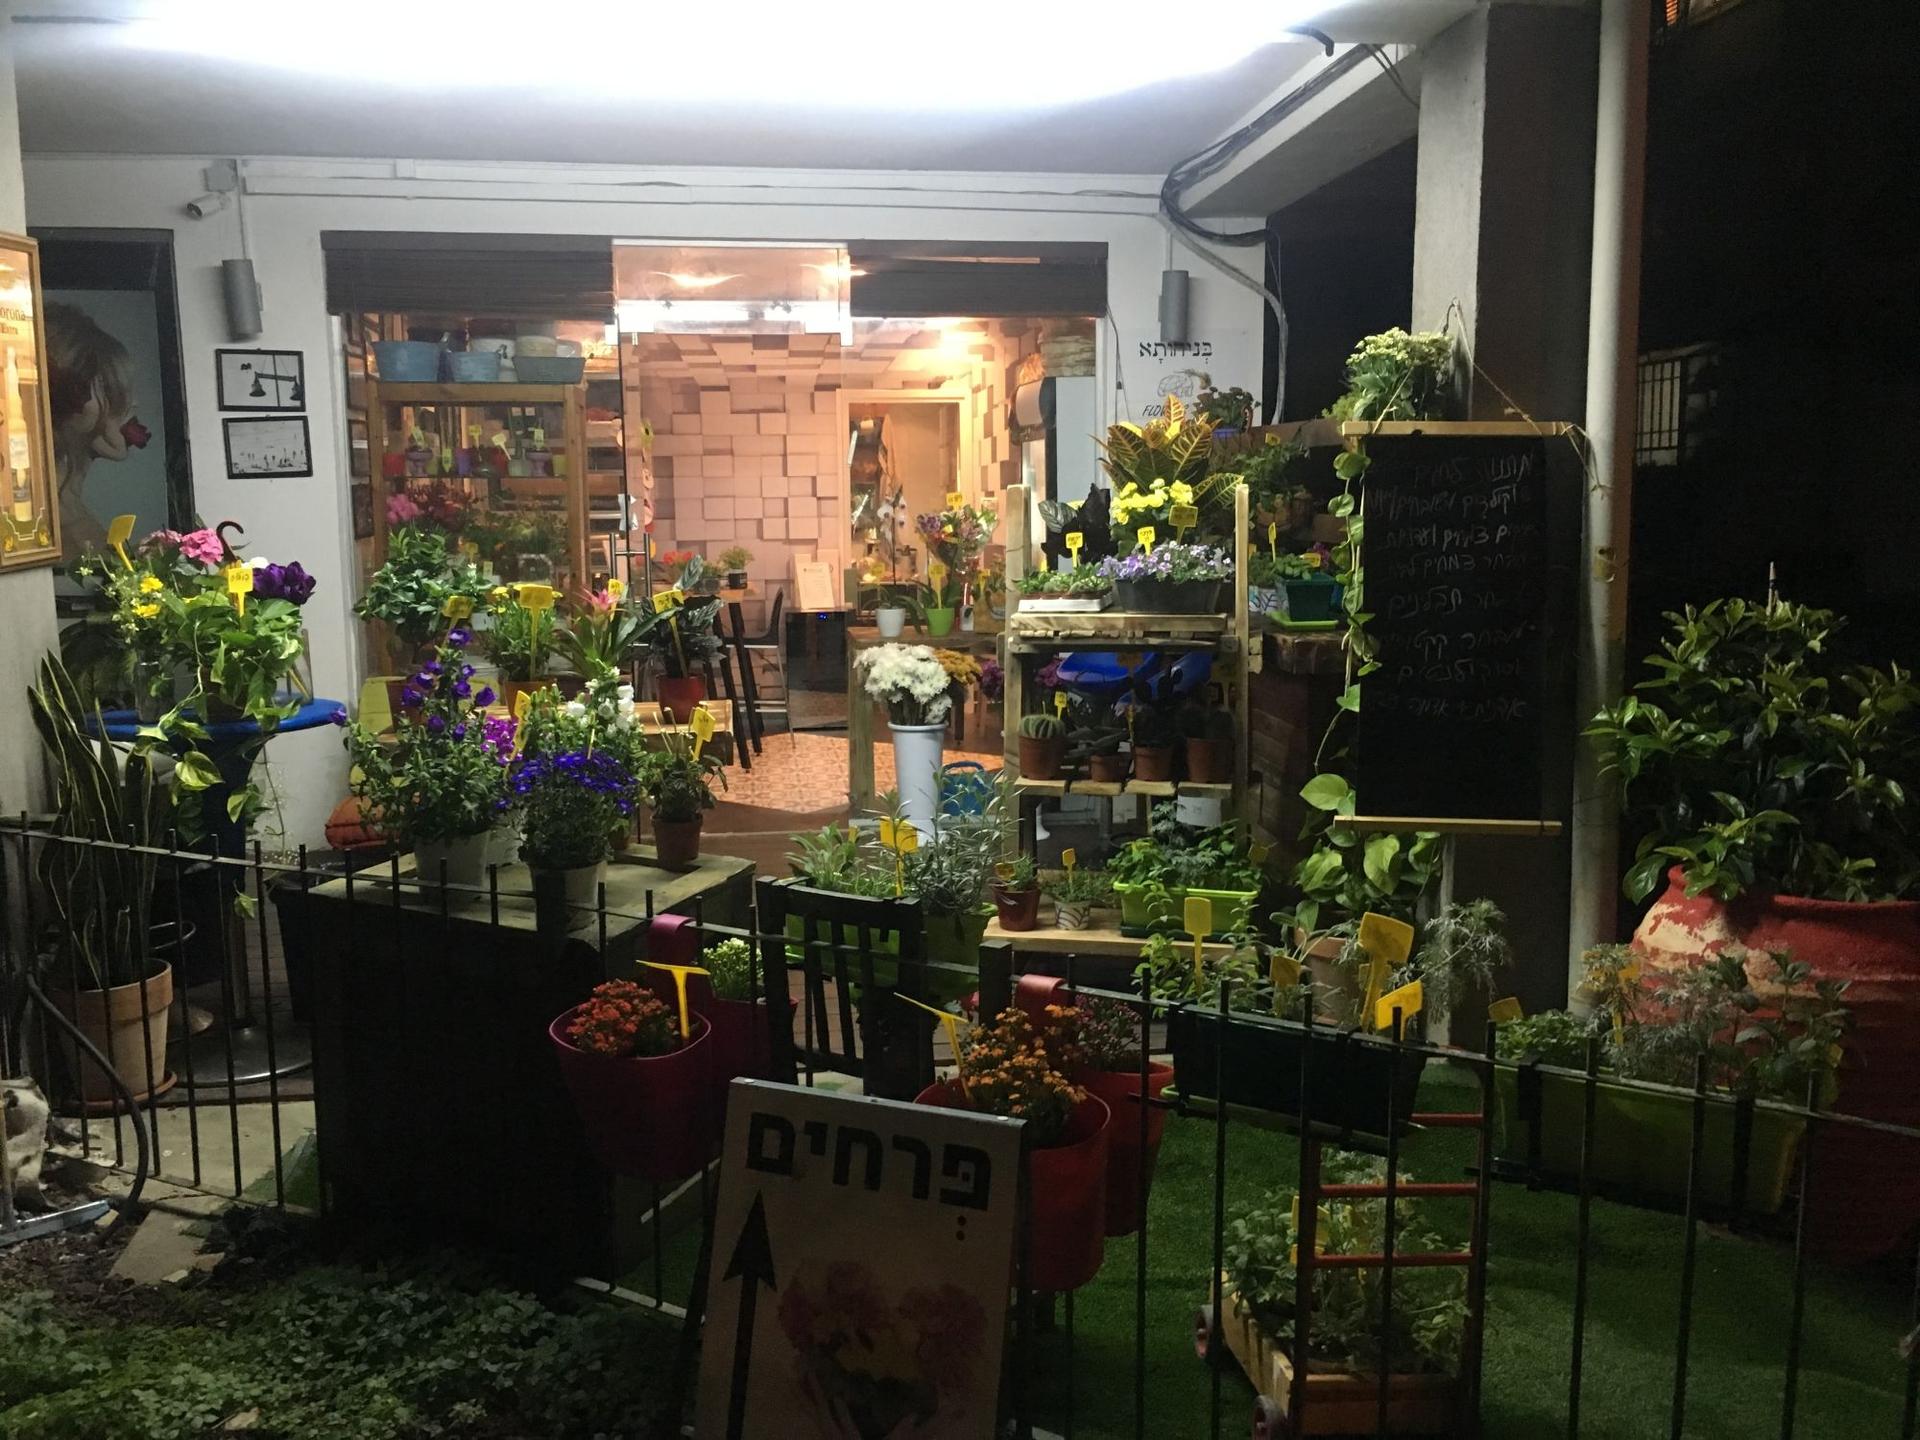 בניחותא פרחים ושוקולדים תל אביב והמרכז (@benichuta) Cover Image